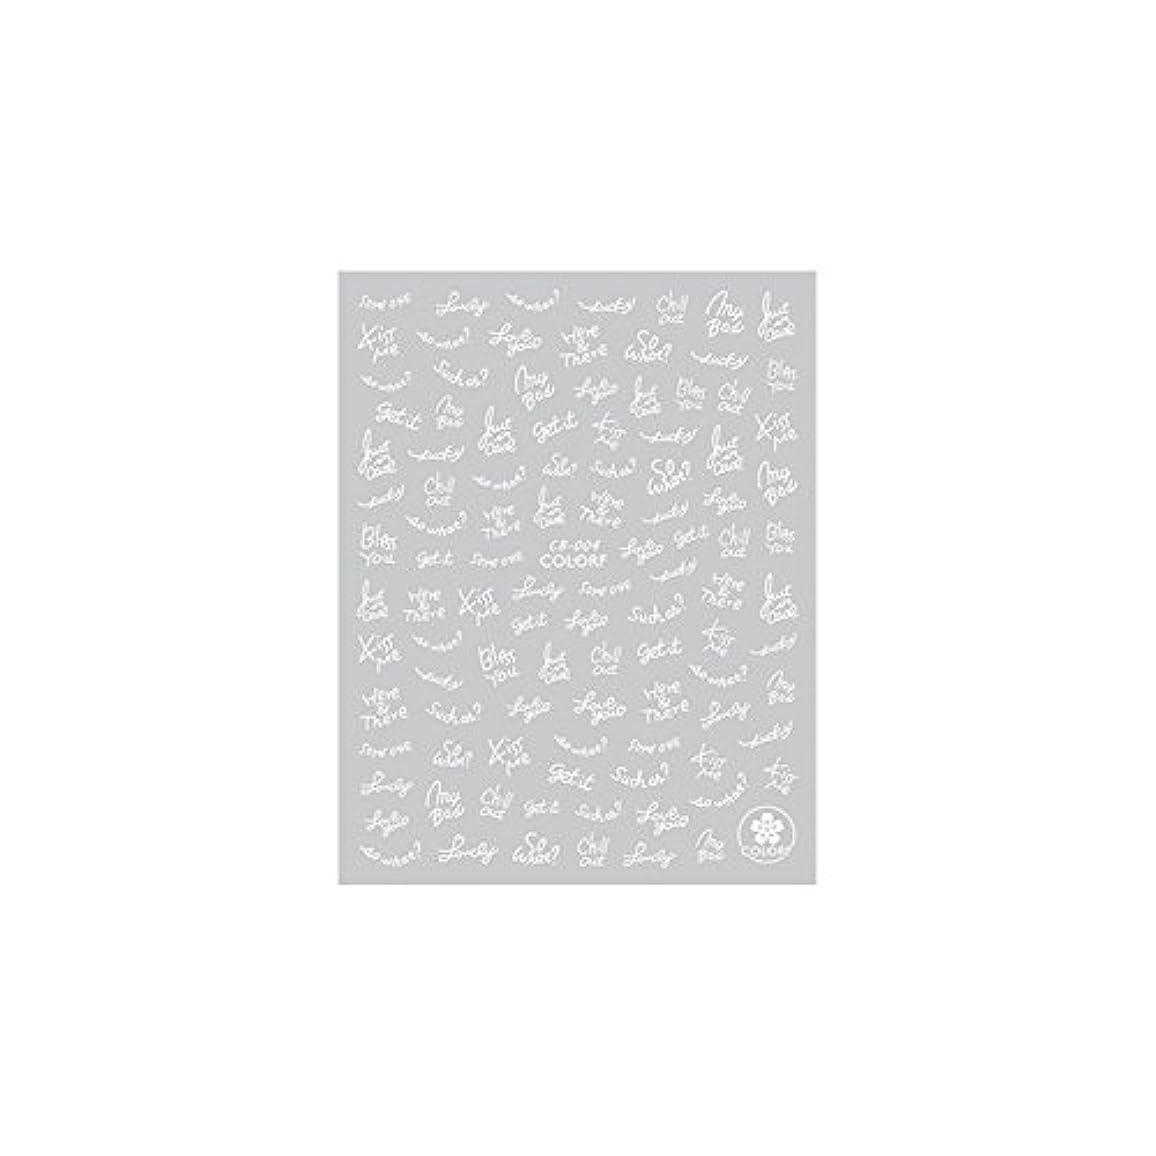 引き渡すうぬぼれた効率的にirogel イロジェル 手書き風メッセージネイルシール ホワイト 【CB-004】